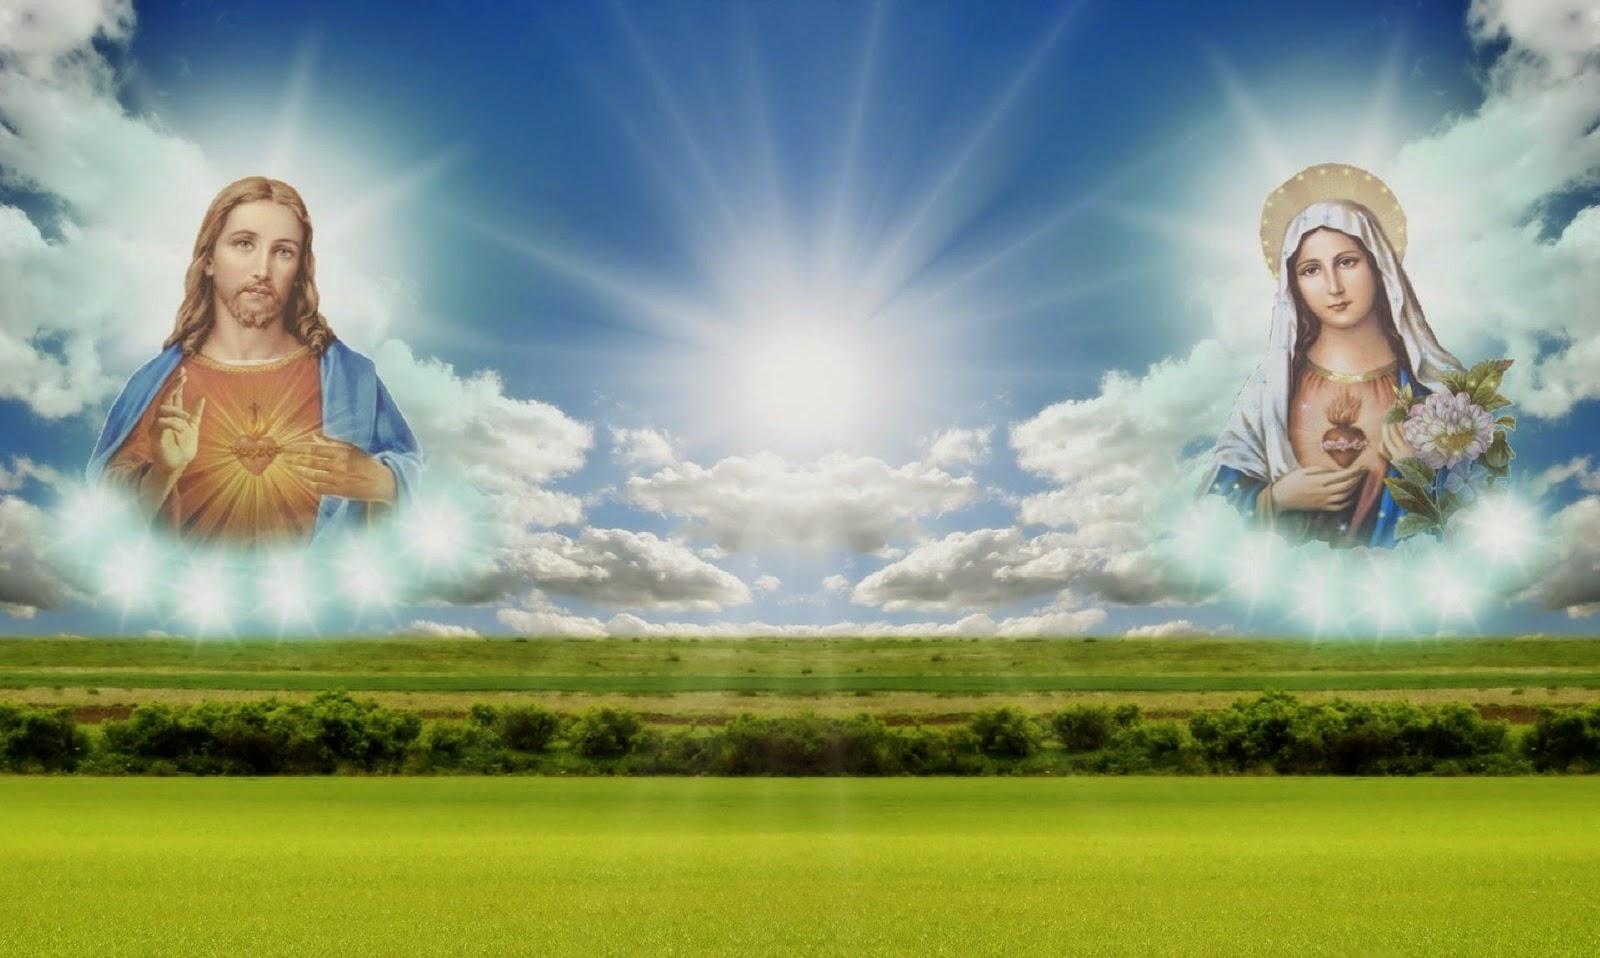 Fondos De Pantalla Gratis Para Escritorio: Fondo De Pantalla Religioso 3